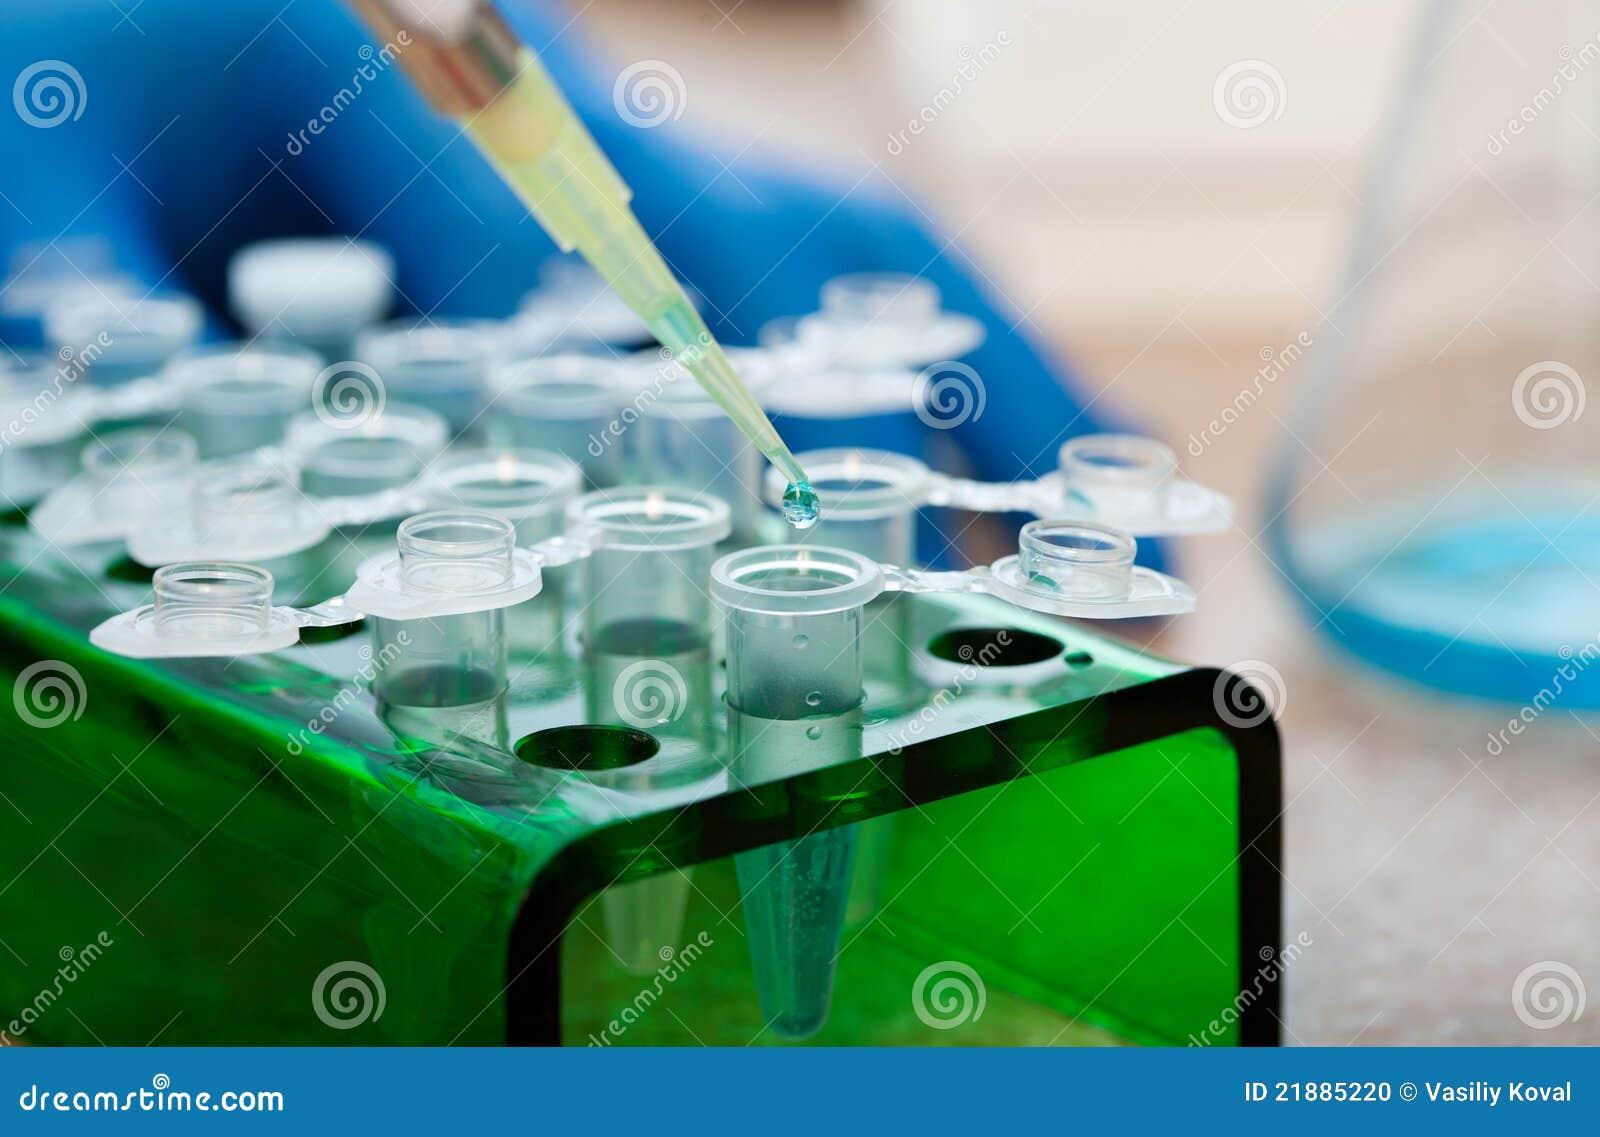 Moleculaire biologie